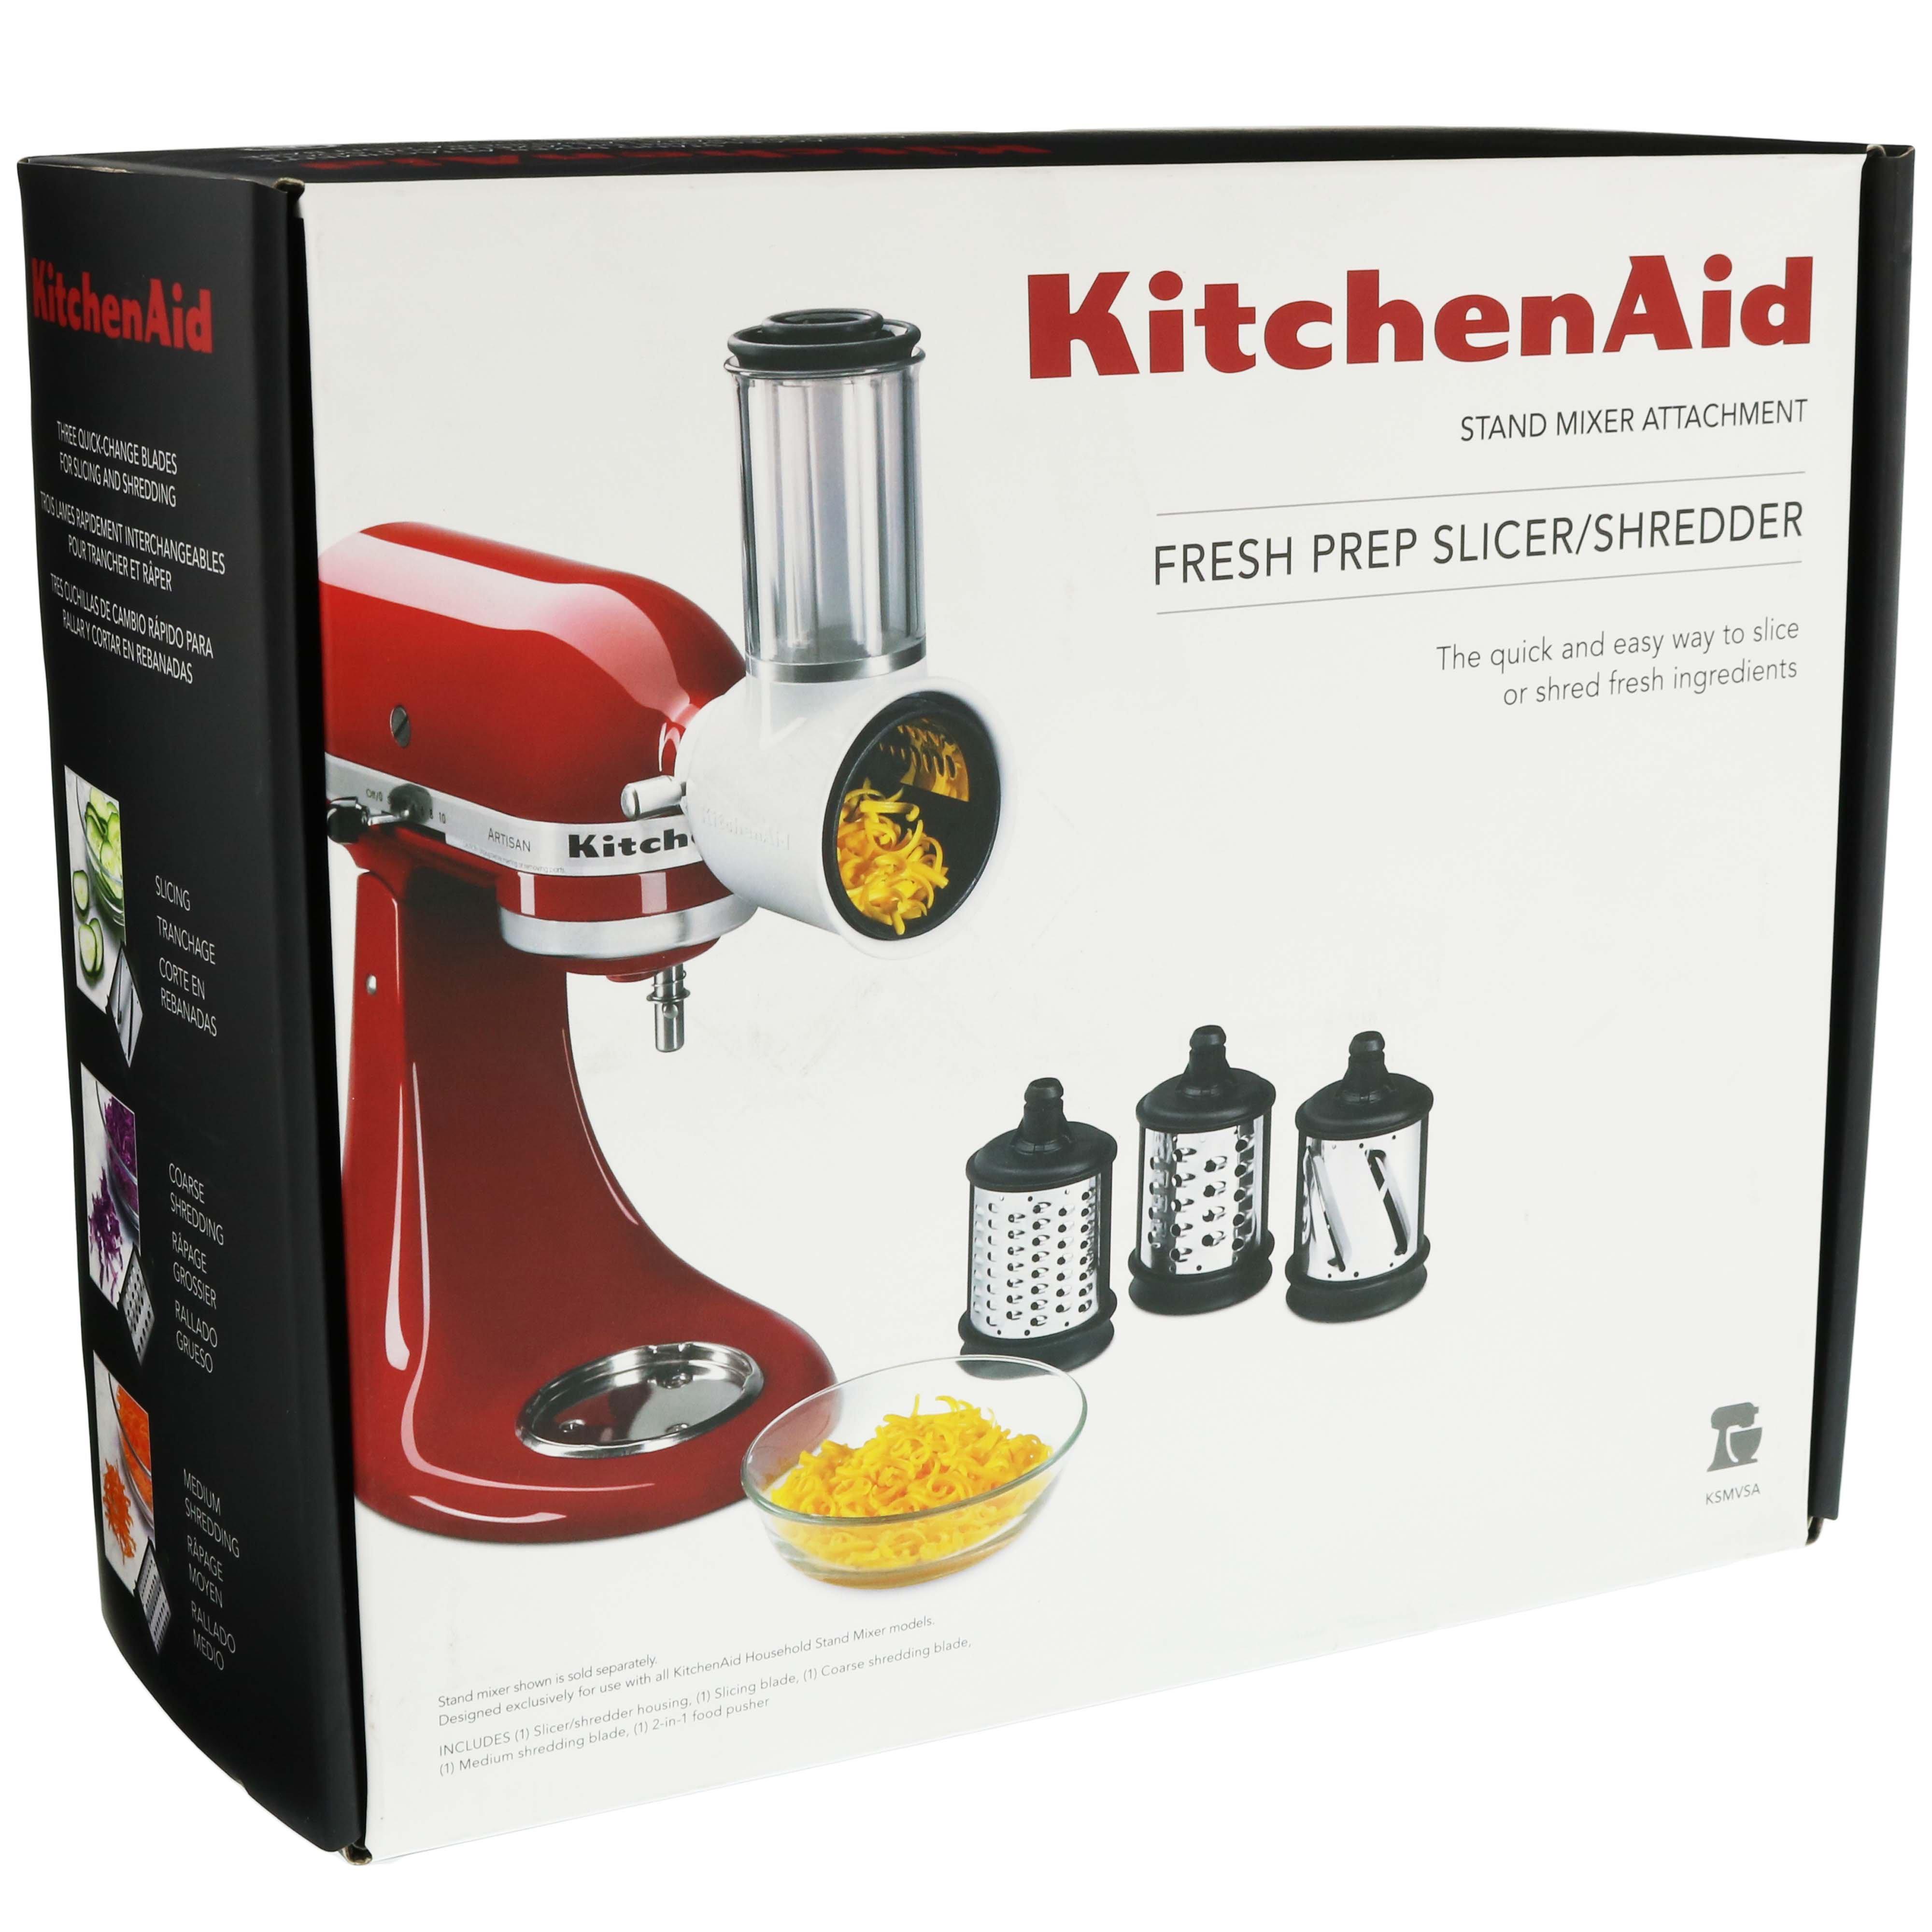 Kitchenaid Fresh Prep Slicer Shredder Attach For Stand Mixer Shop Utensils Gadgets At H E B